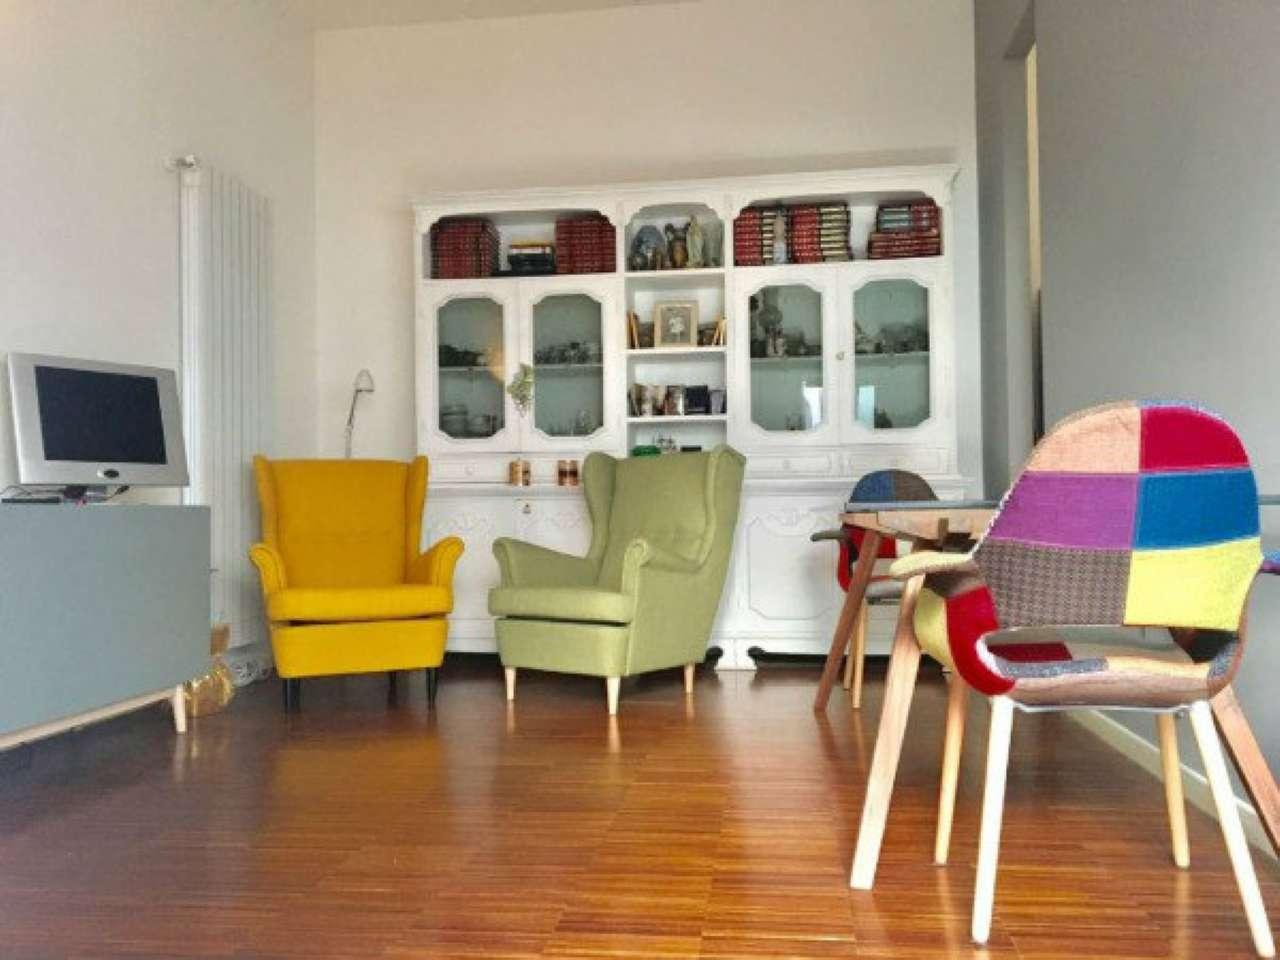 Appartamento in vendita a Milano, 1 locali, zona Zona: 5 . Citta' Studi, Lambrate, Udine, Loreto, Piola, Ortica, prezzo € 270.000 | Cambio Casa.it